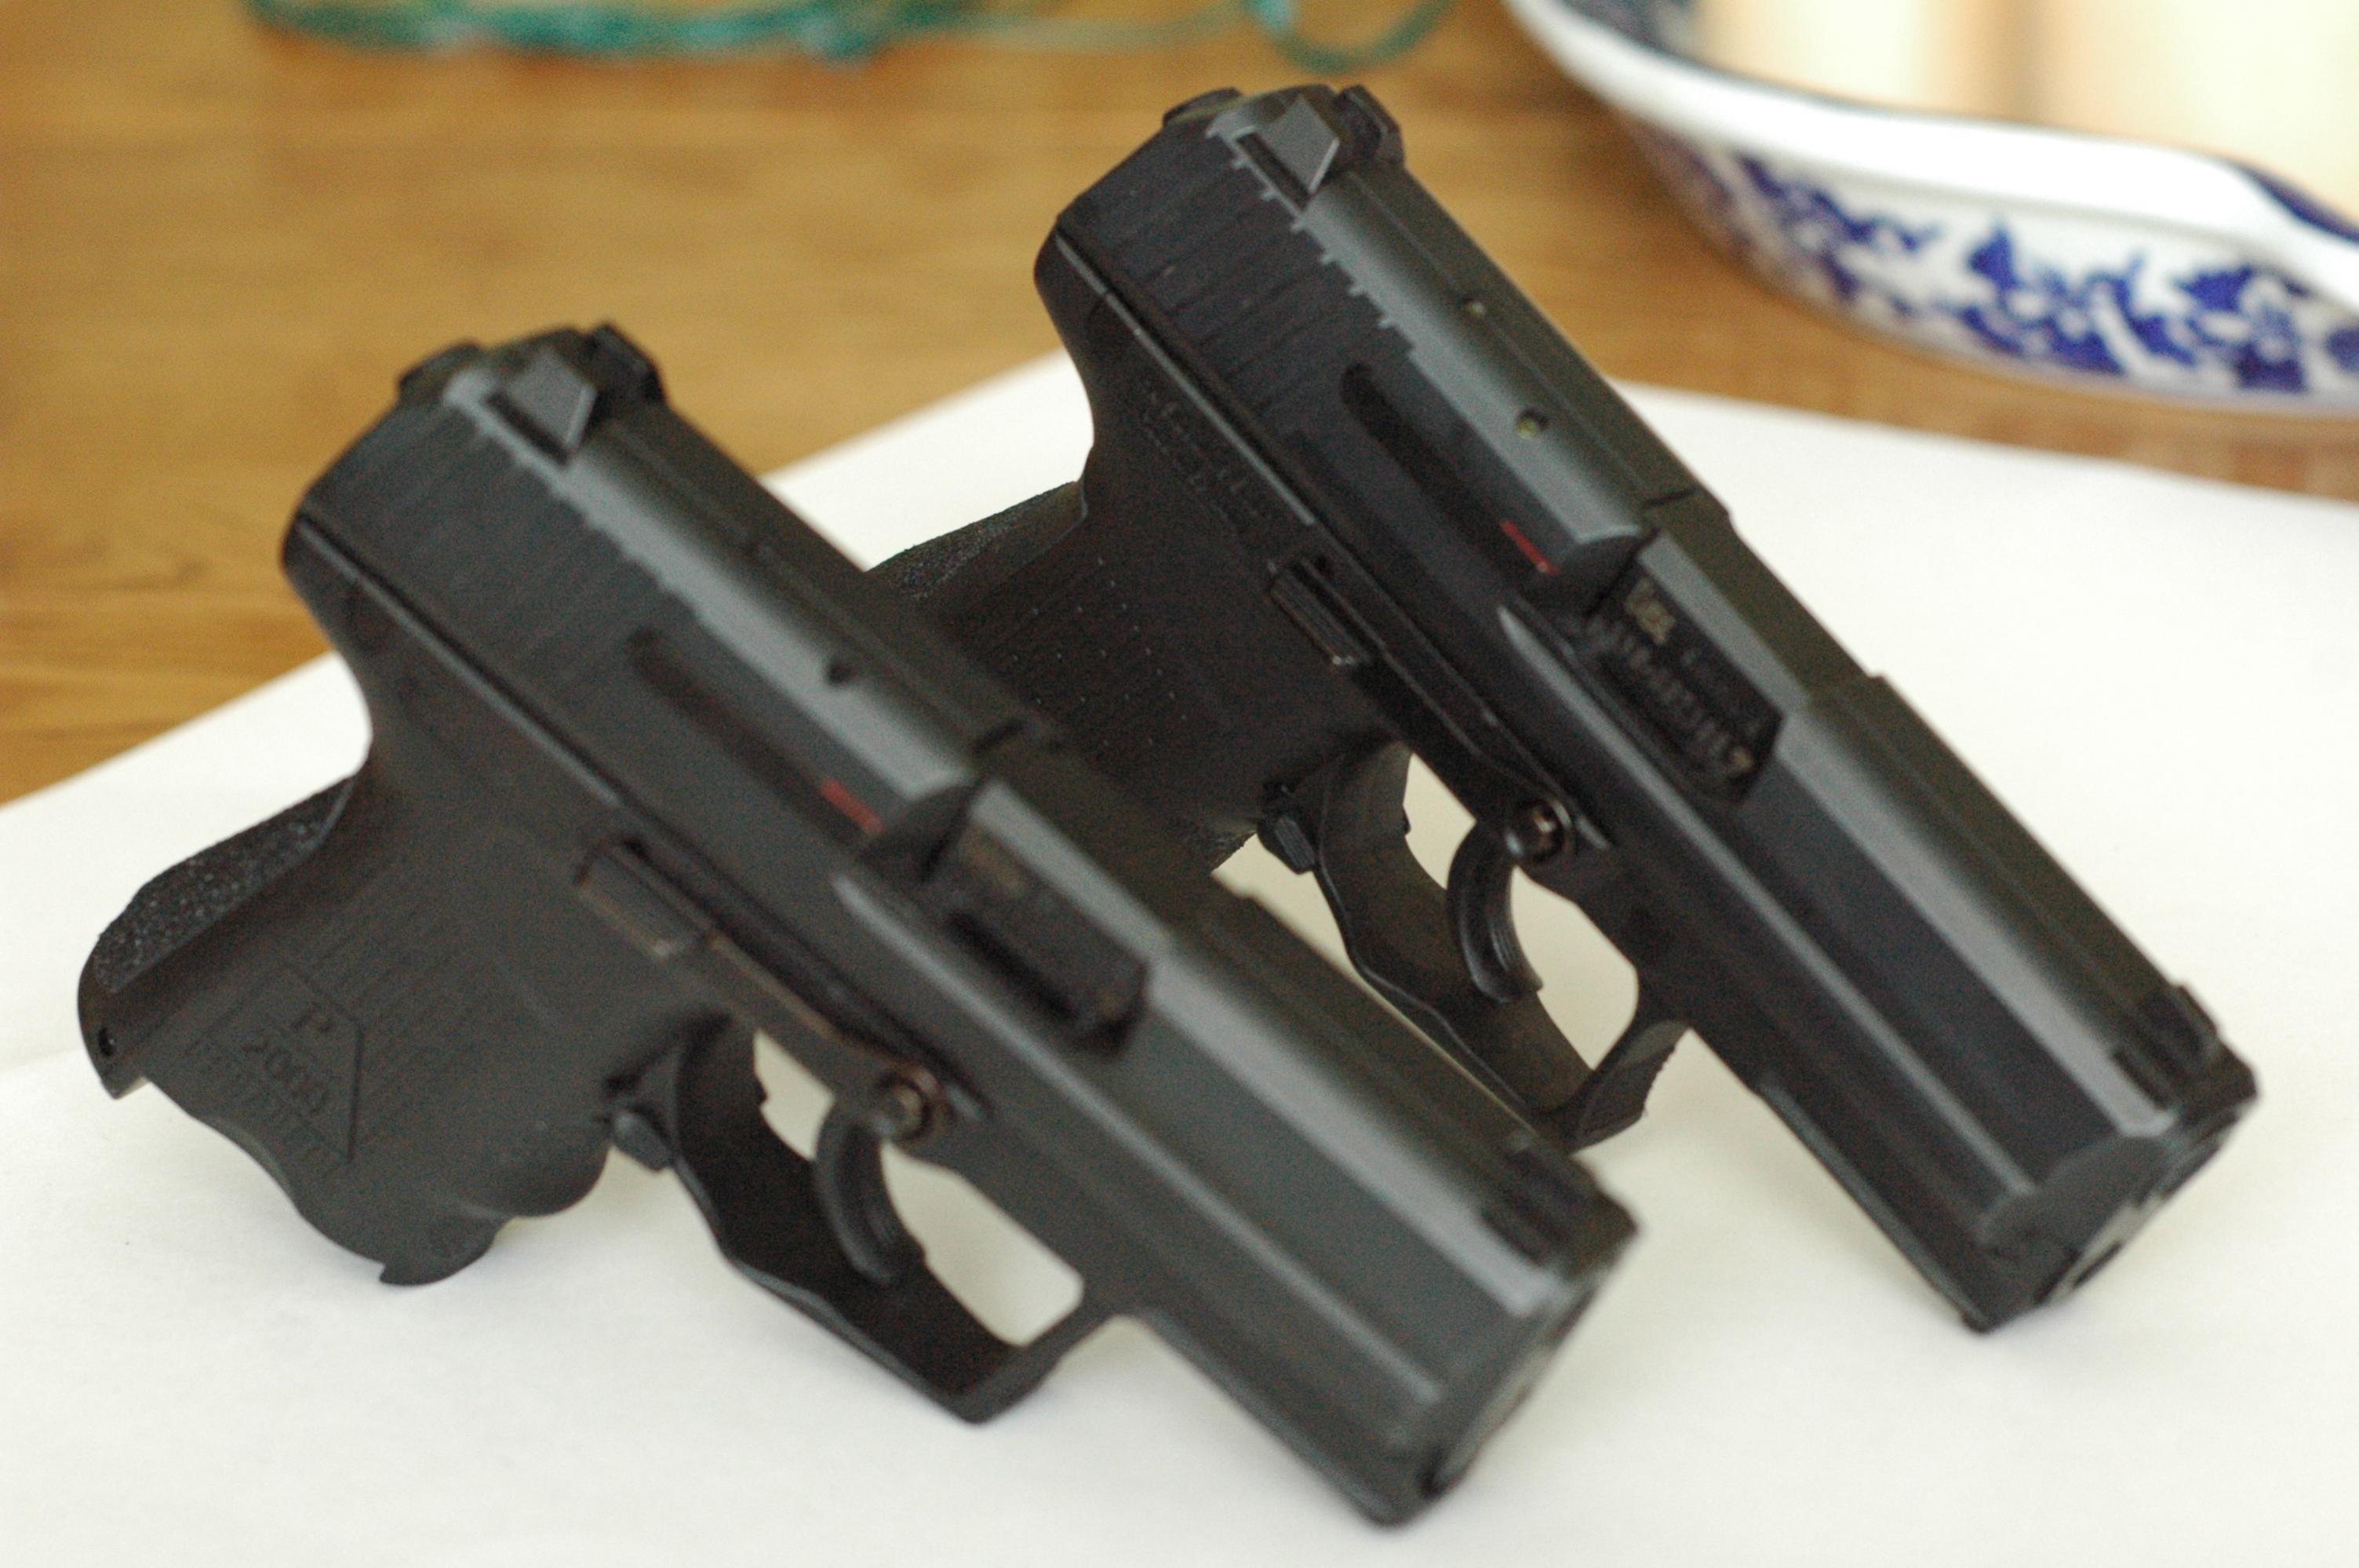 My new carry gun. HK P2000 V2-dsc_0007.jpg